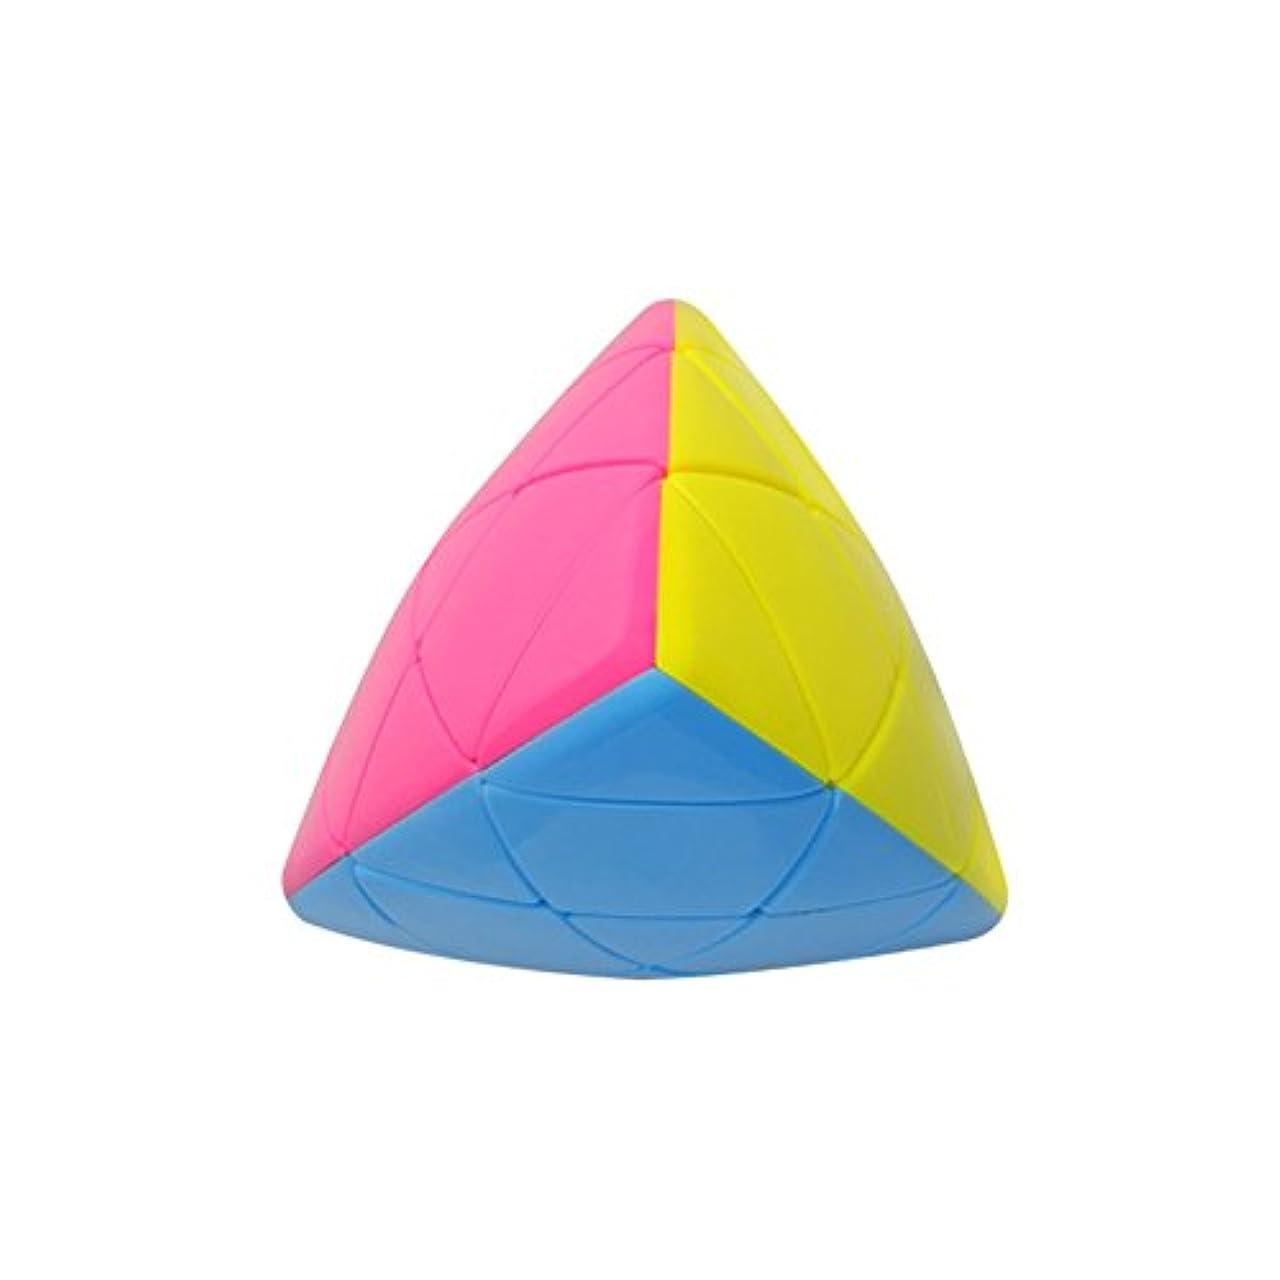 お勧め急襲間に合わせQiyunポケットキューブ2 x 2 Skewbポケットキューブ2層4面体パズルキューブBrain Teaserマジックキューブ